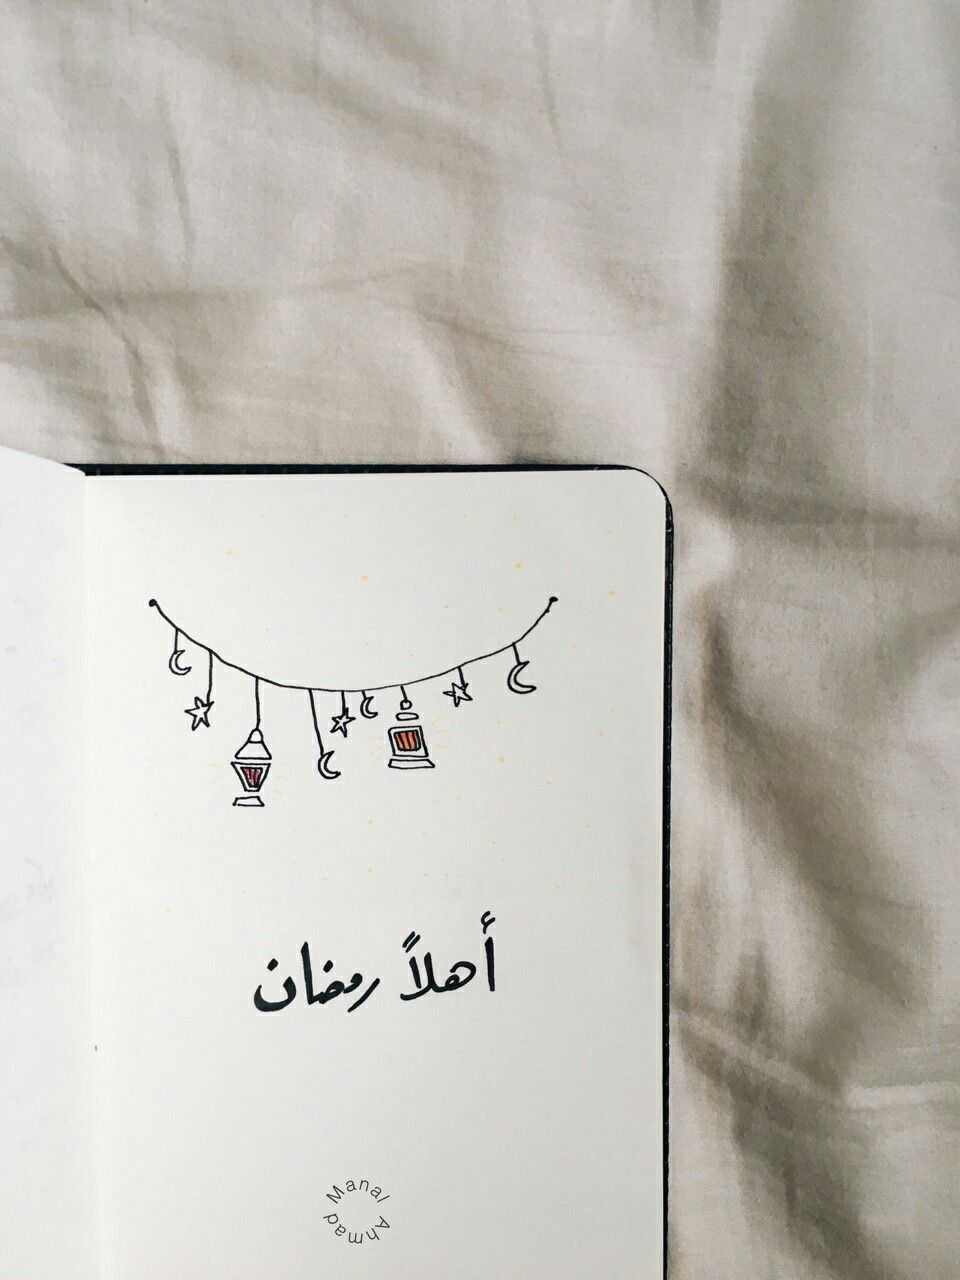 اول يوم رمضان